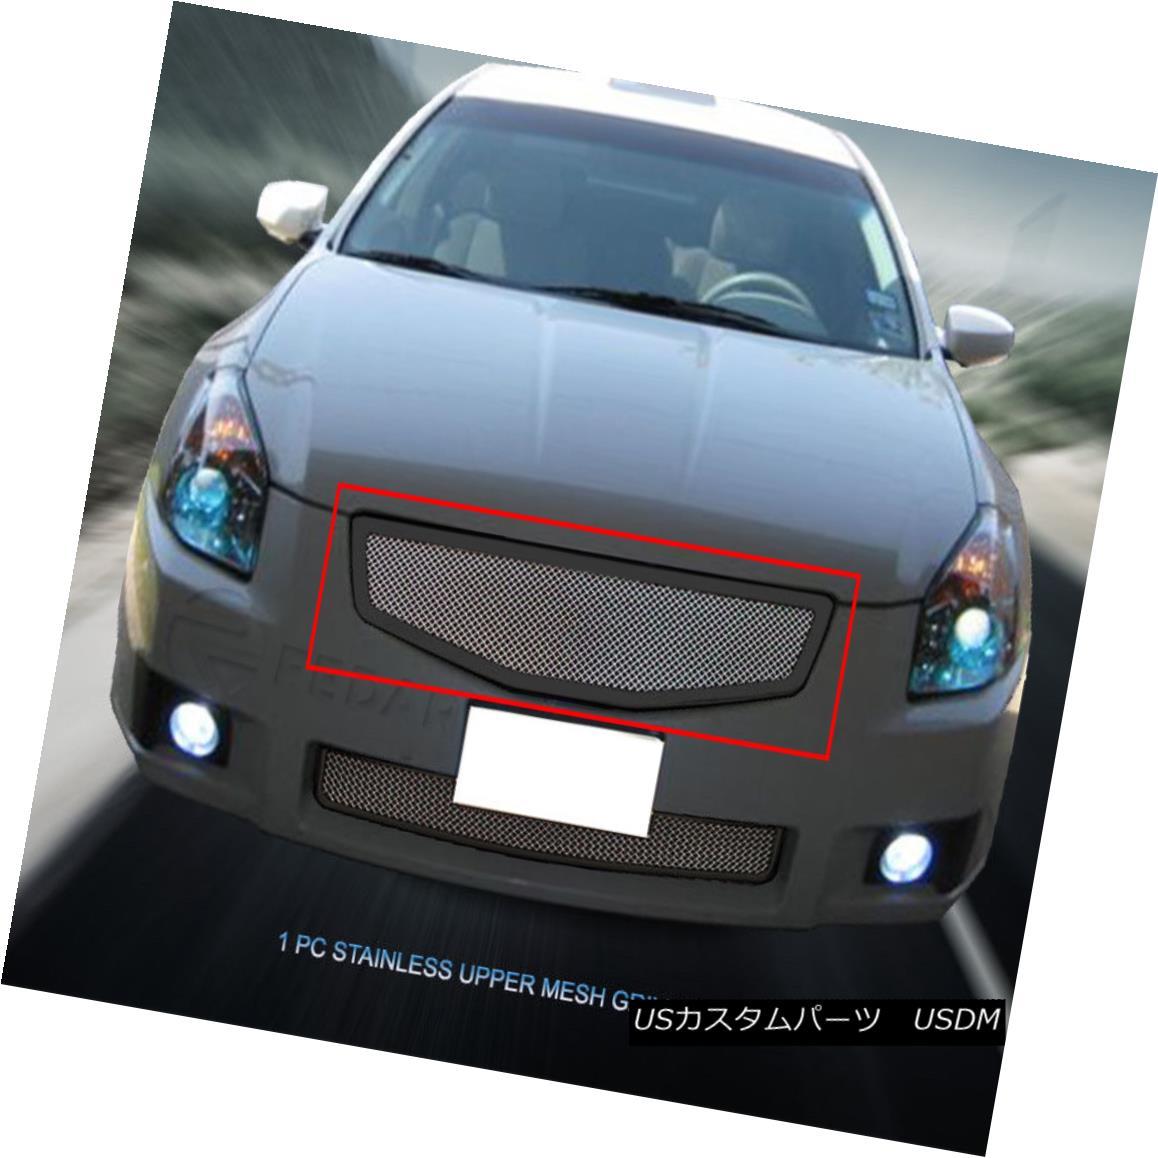 グリル Fits 2007 2008 Nissan Maxima Stainless Steel Wire Mesh Grille Upper Insert フィット2007年2008日産マキシマステンレススチールワイヤーメッシュグリルアッパーインサート